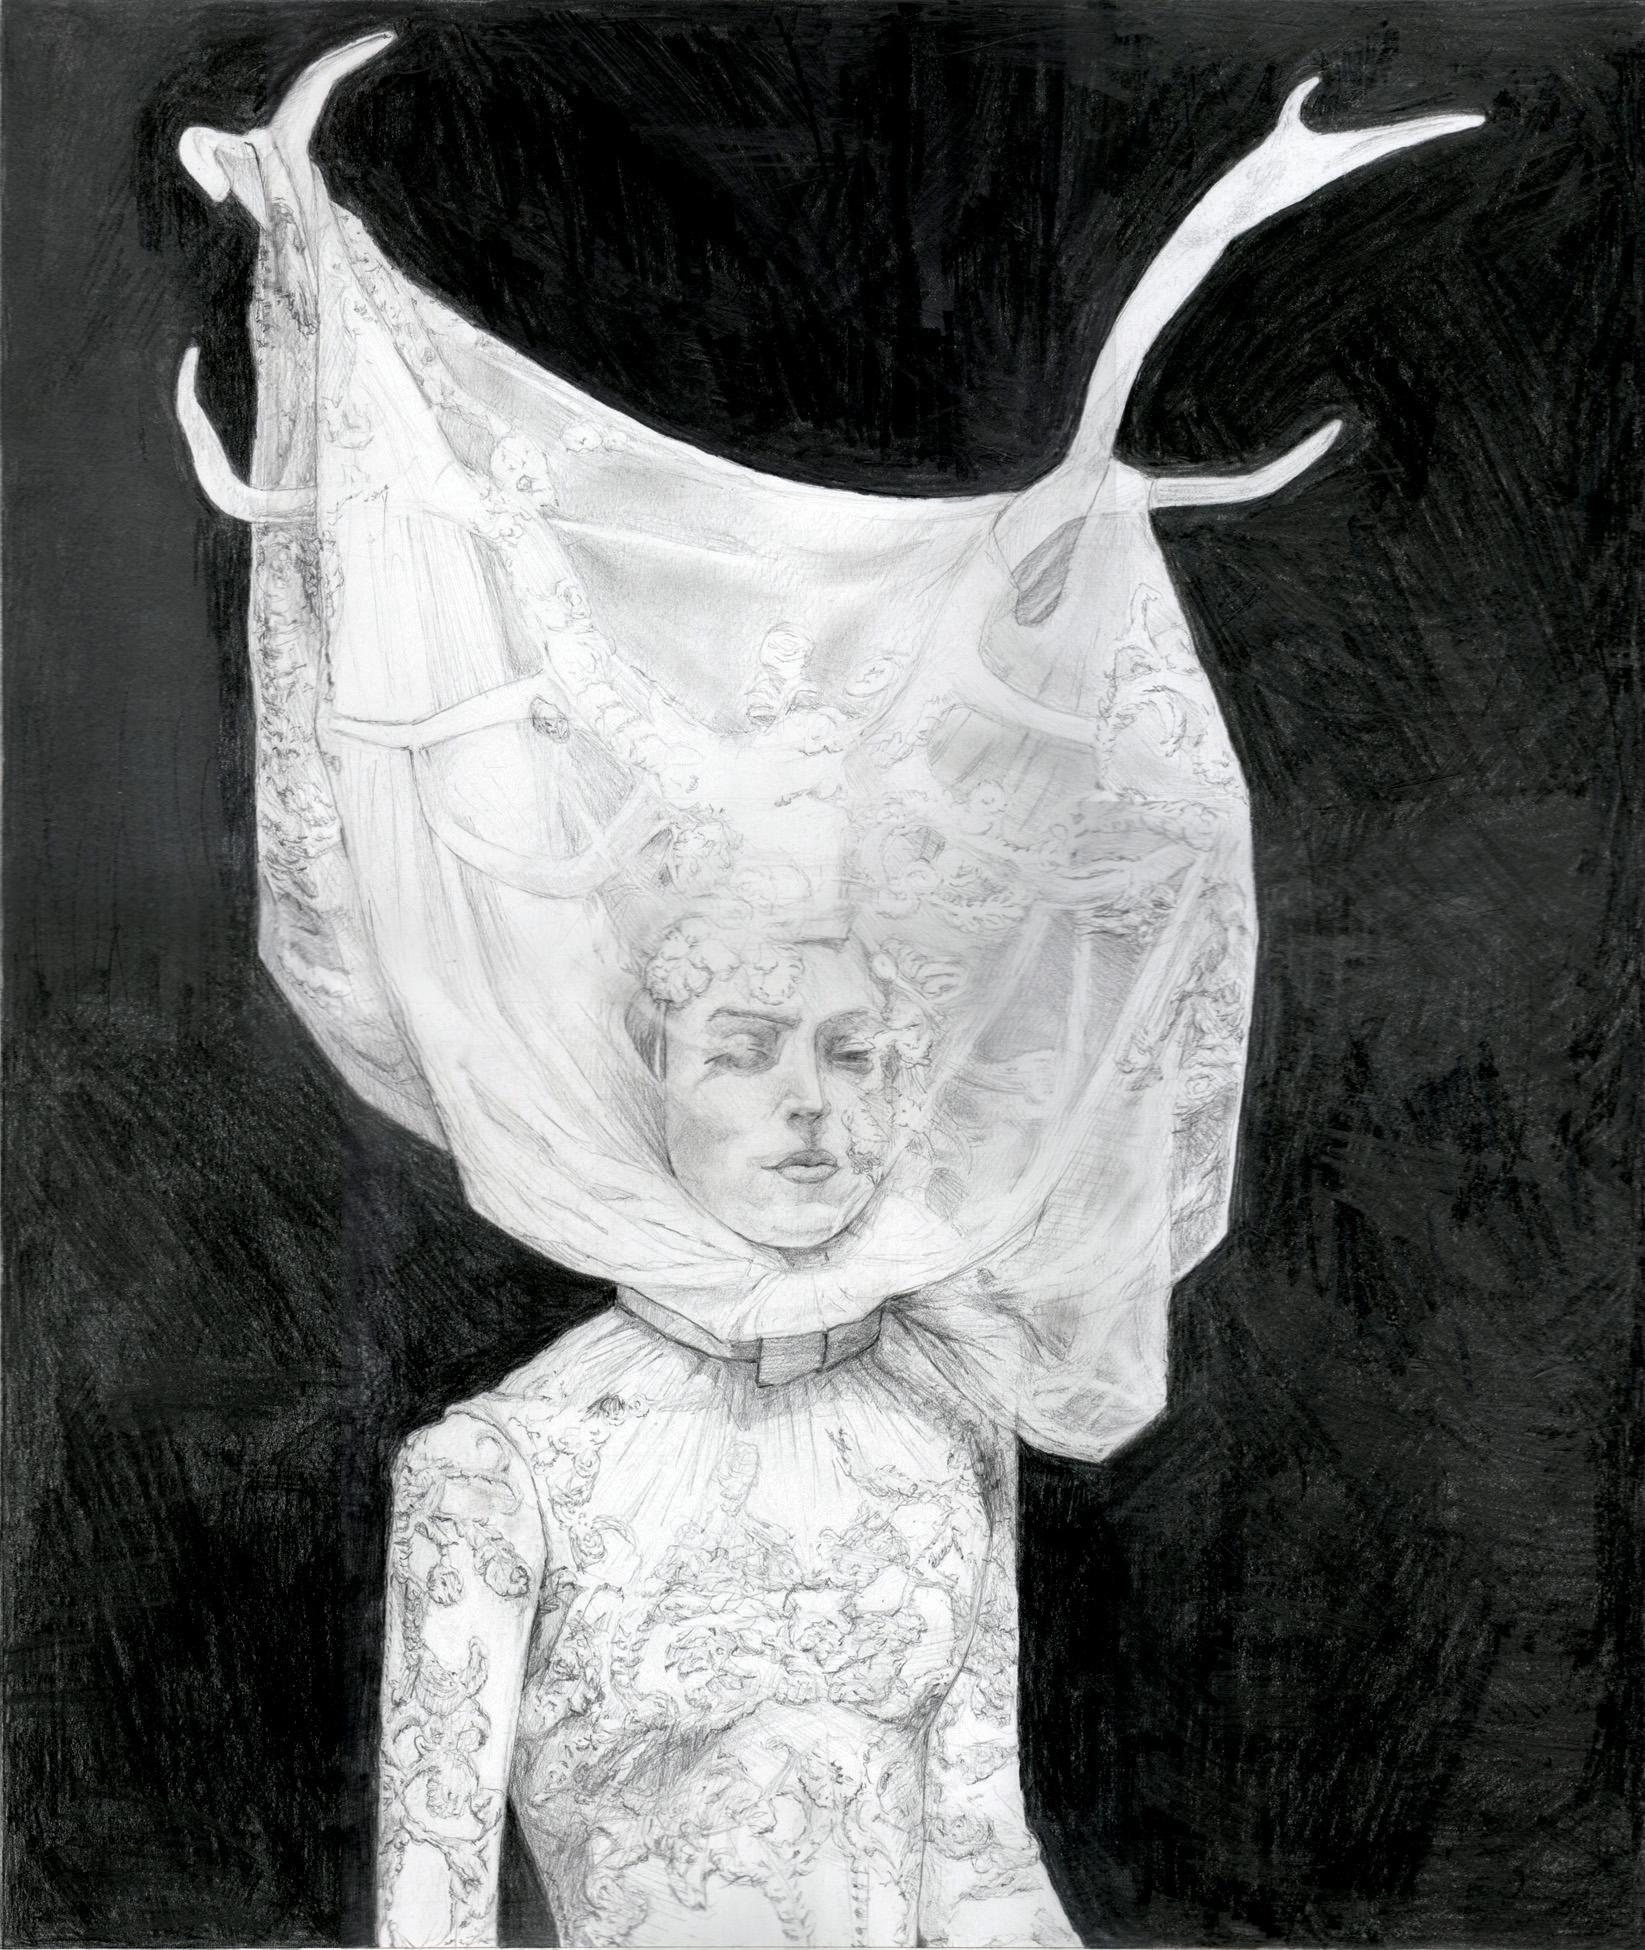 McQueen Portrait #1